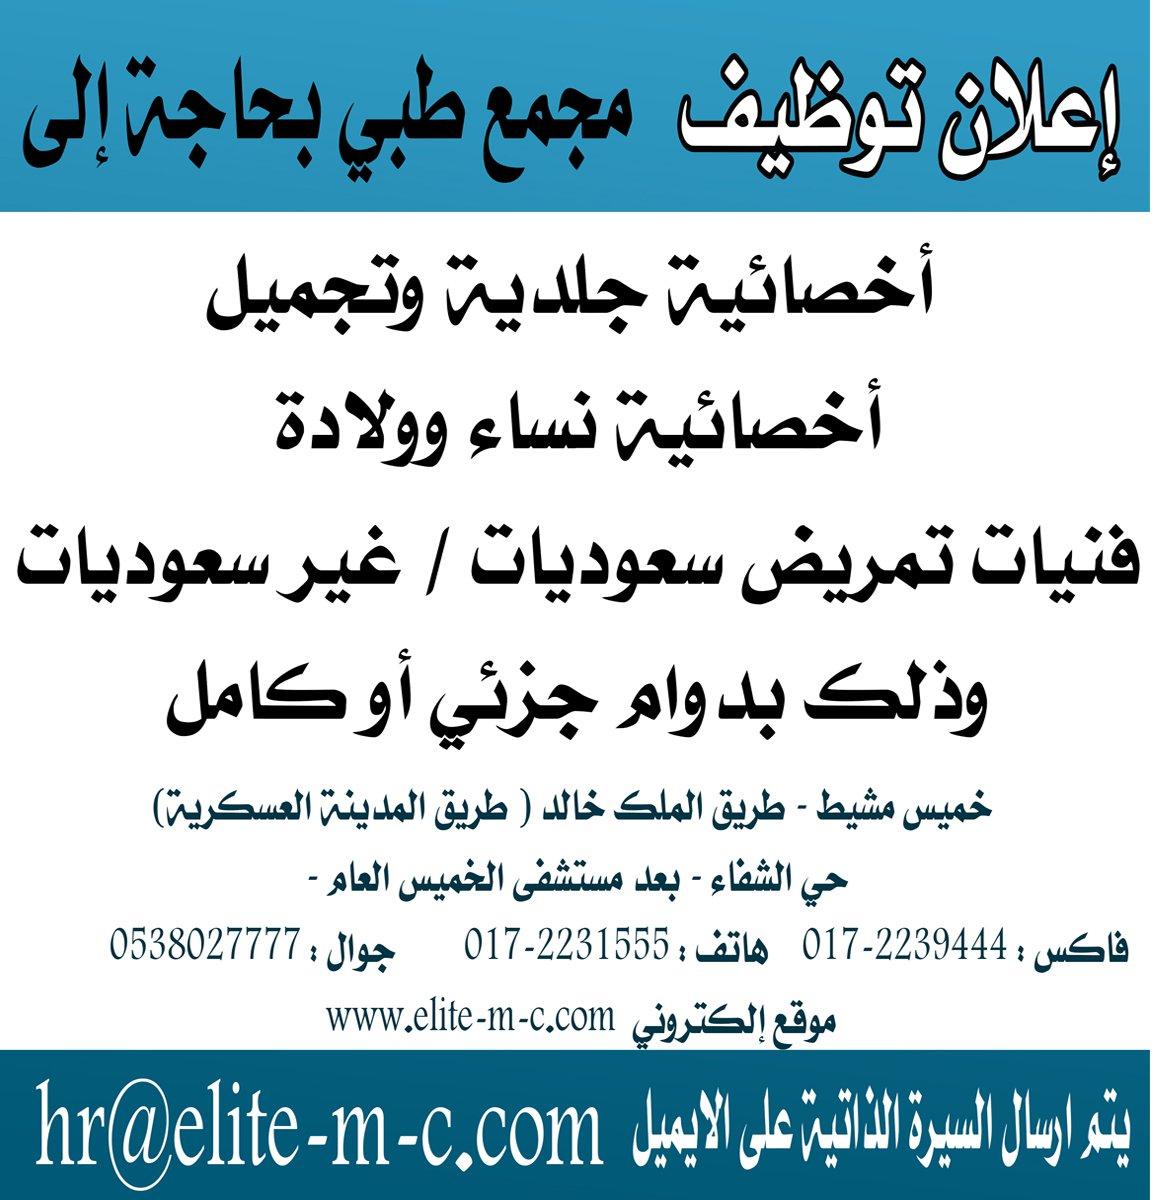 وظائف نسائيّة شاغرة بمجمع النخبة الطبي في خميس مشيط - المواطن